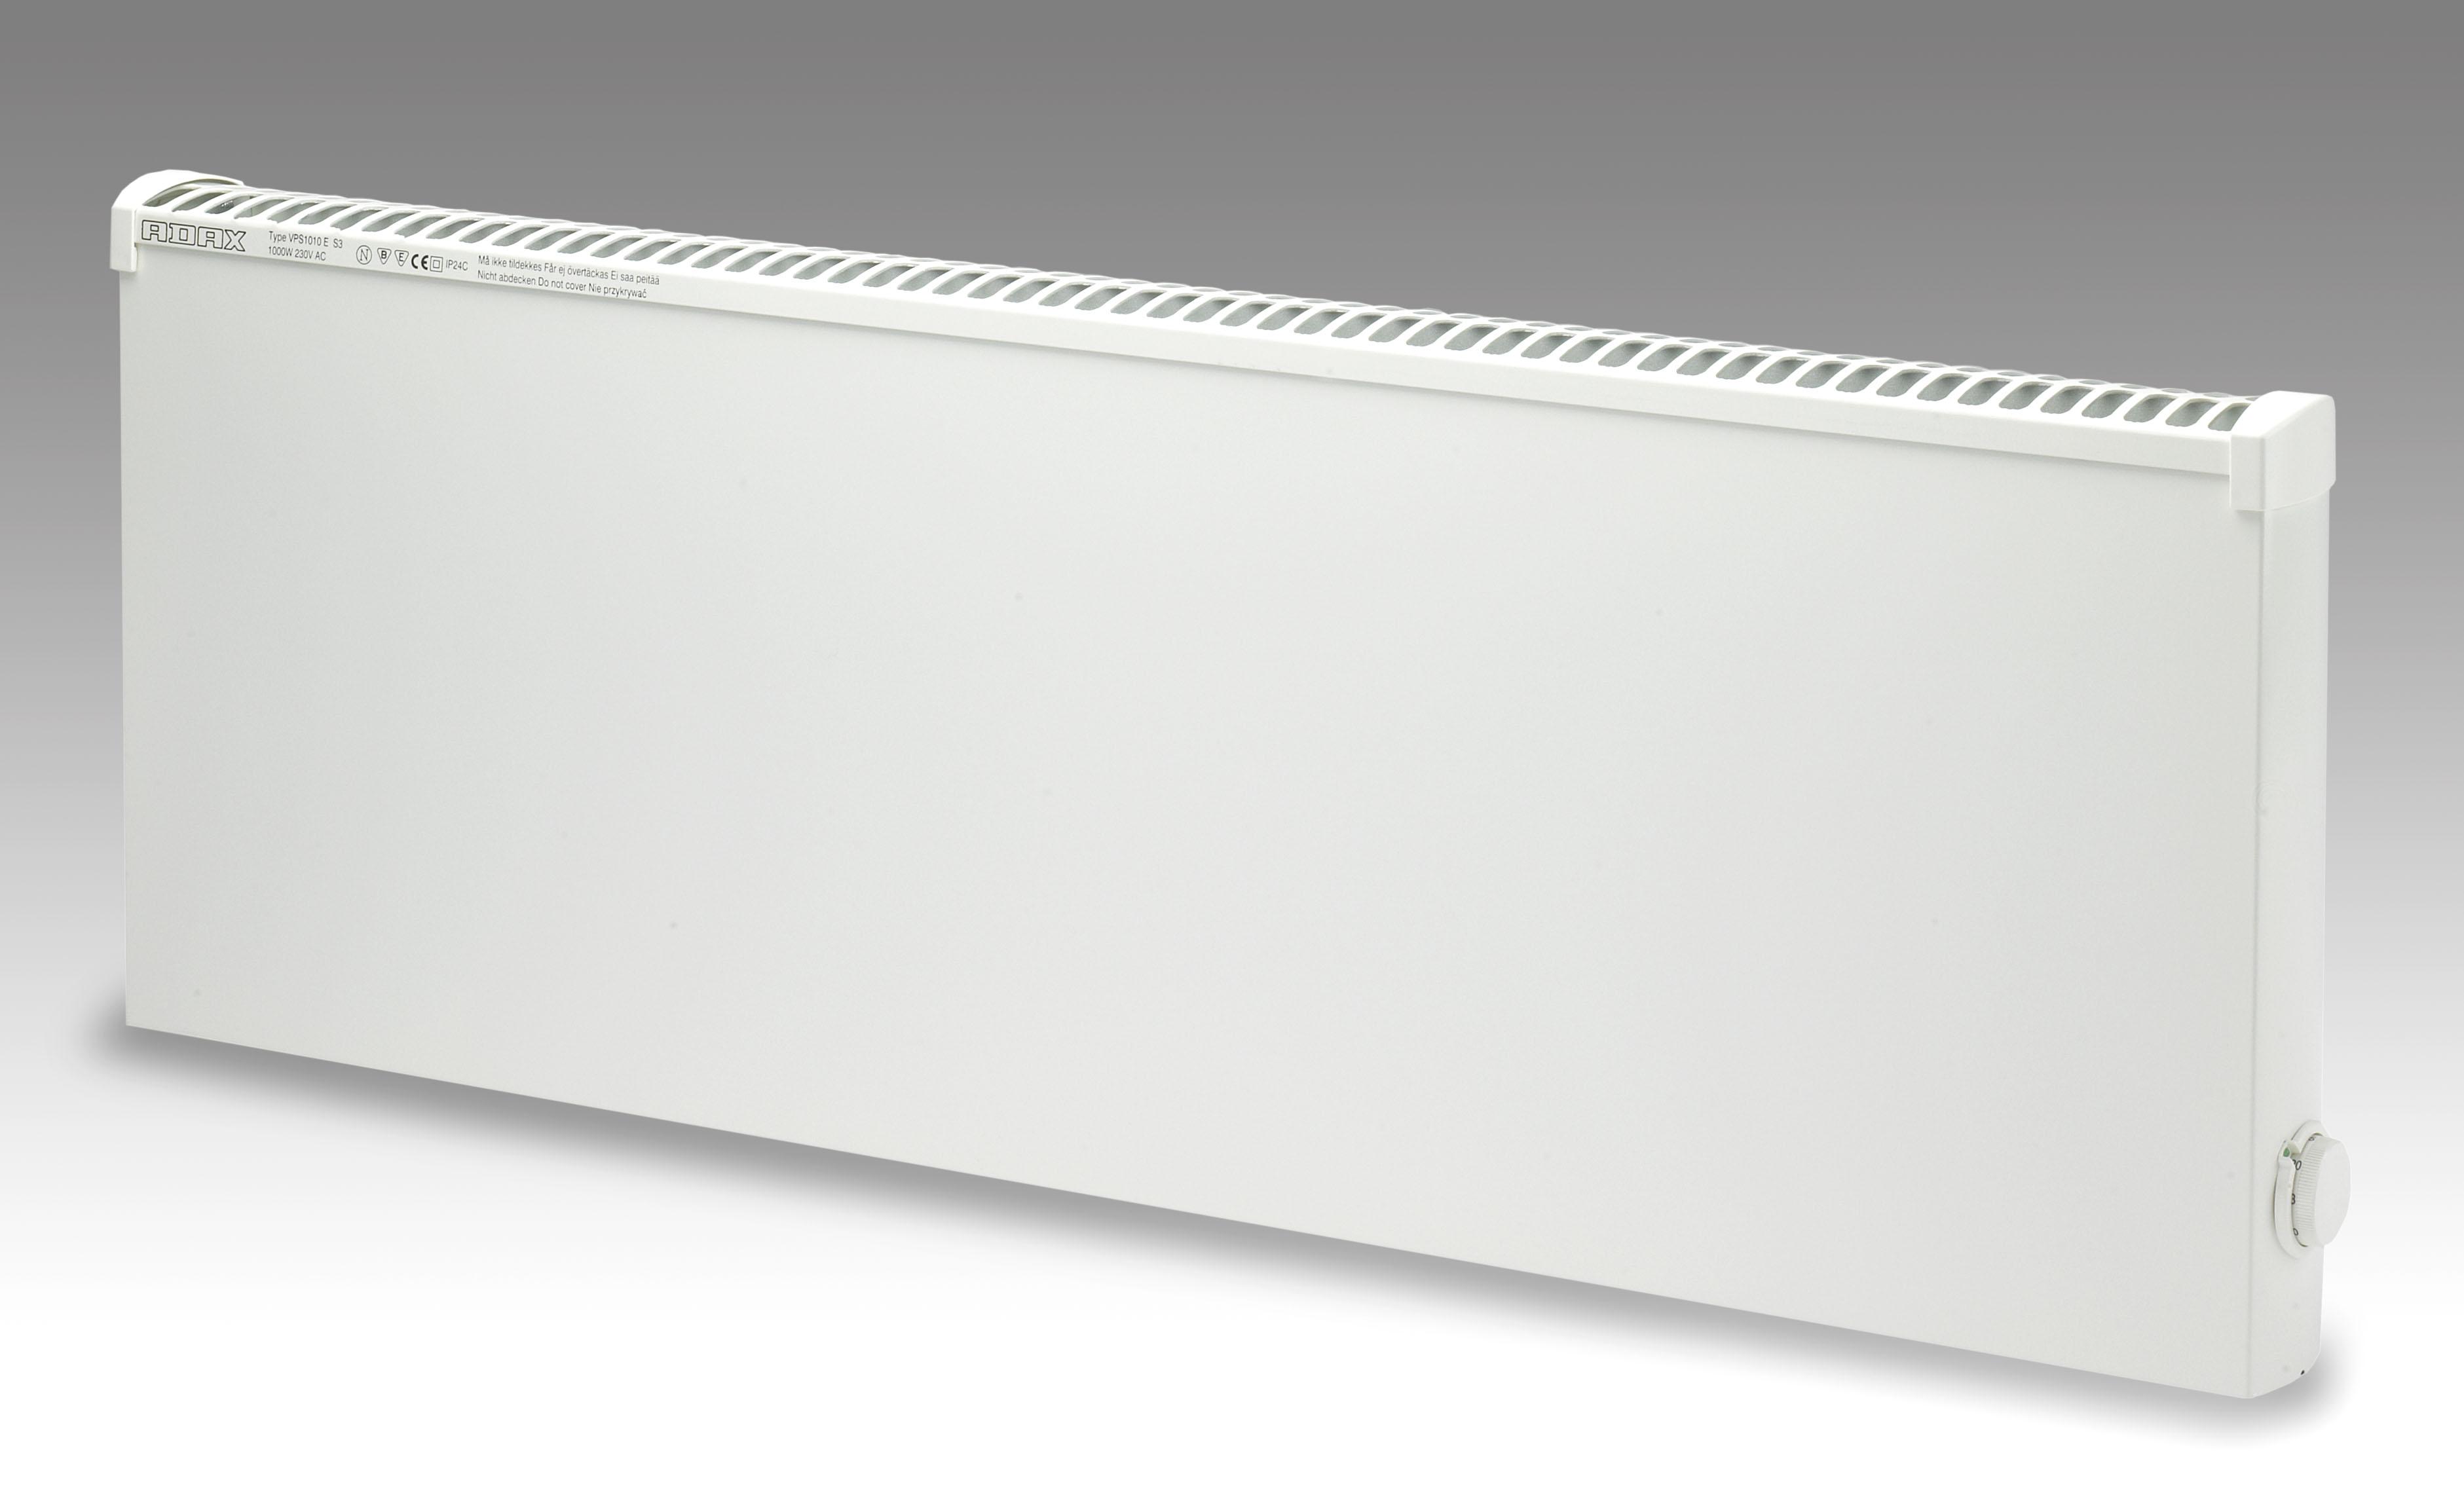 Elektrinis radiatorius ADAX VPS 1010 KEM